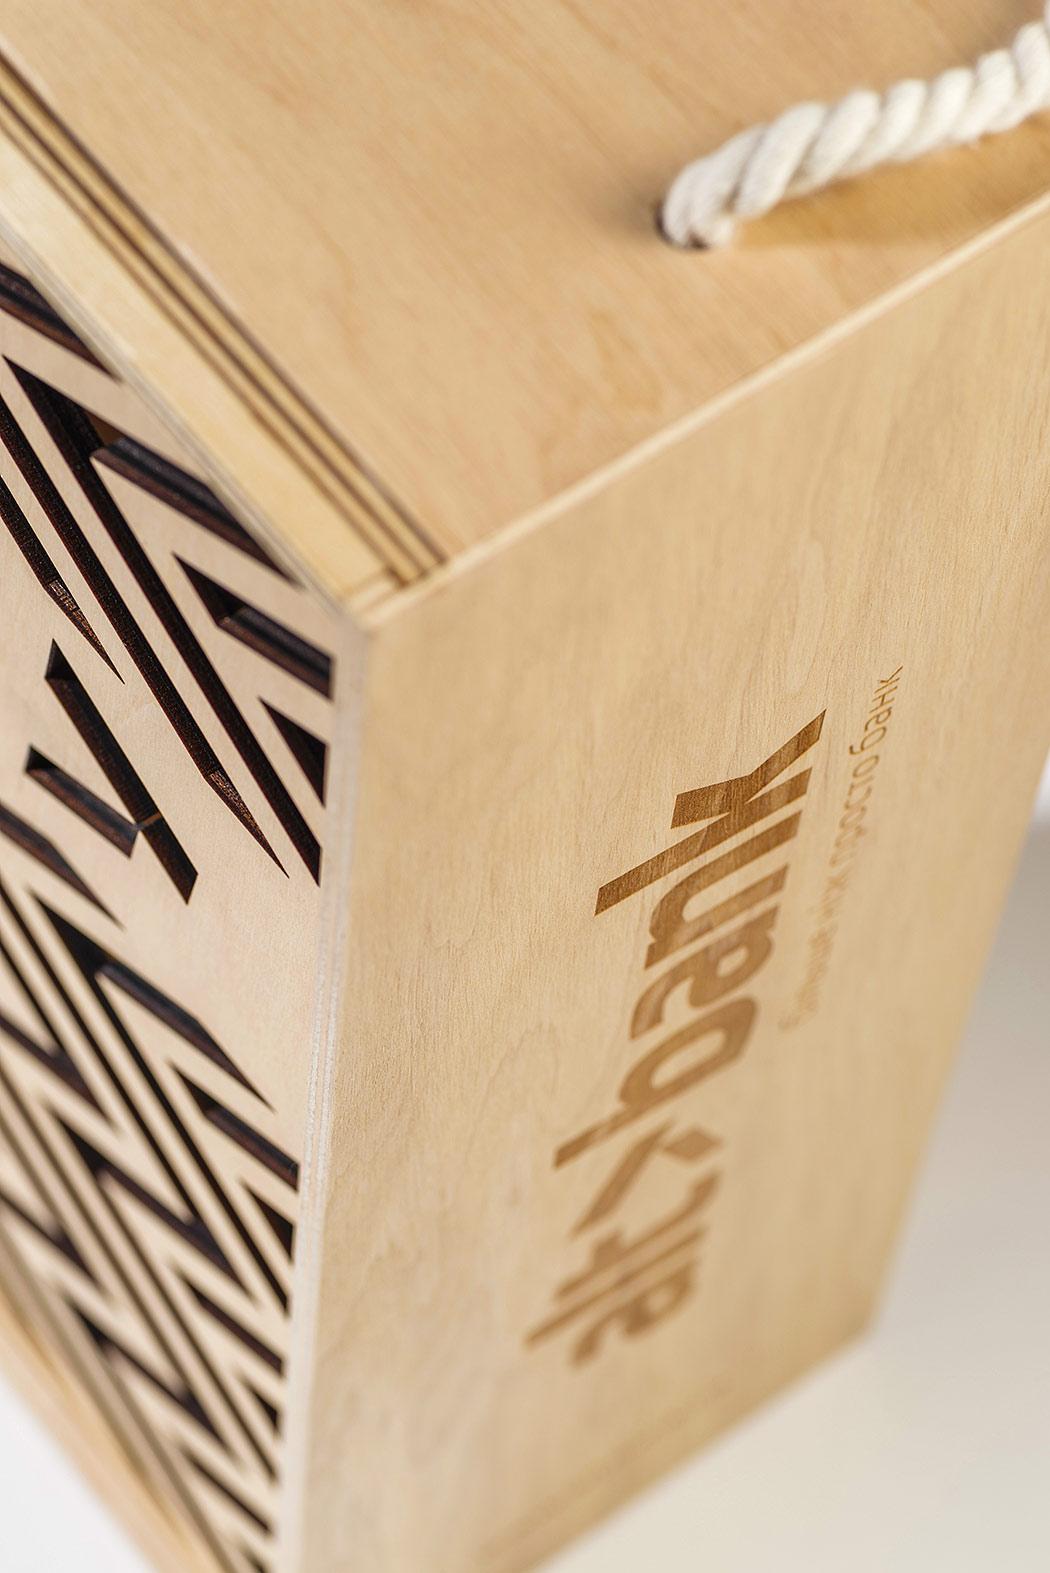 Фанерная коробка (ящик) для вина с логотипом банка Altbank (Альтбанк).